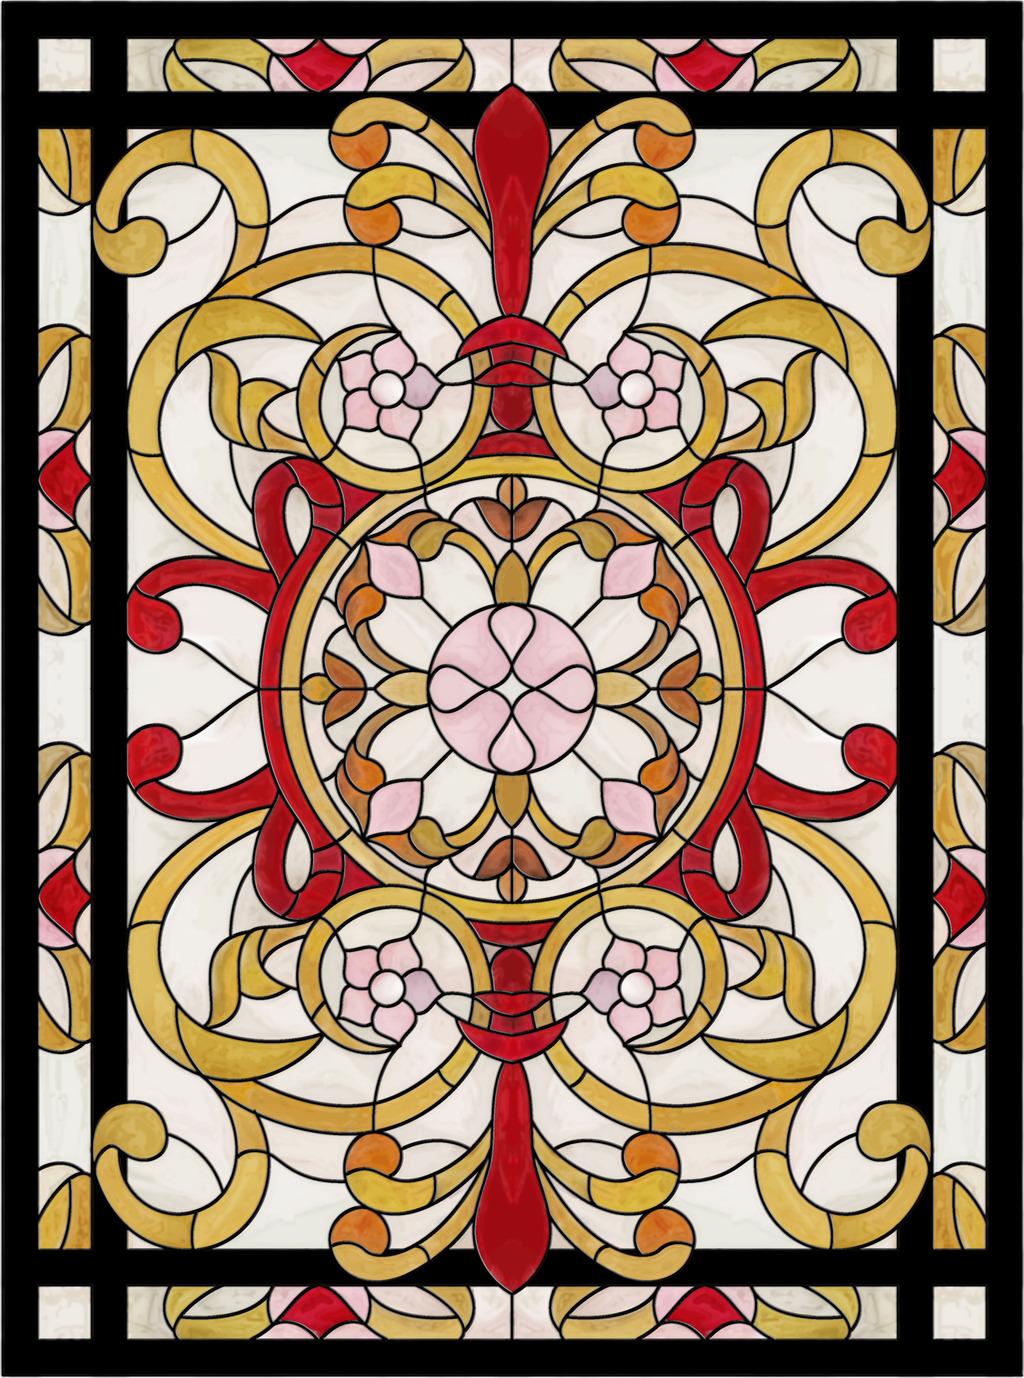 隔断 教堂玻璃图案 教堂天花 教堂玻璃窗 教堂装饰图案 窗花